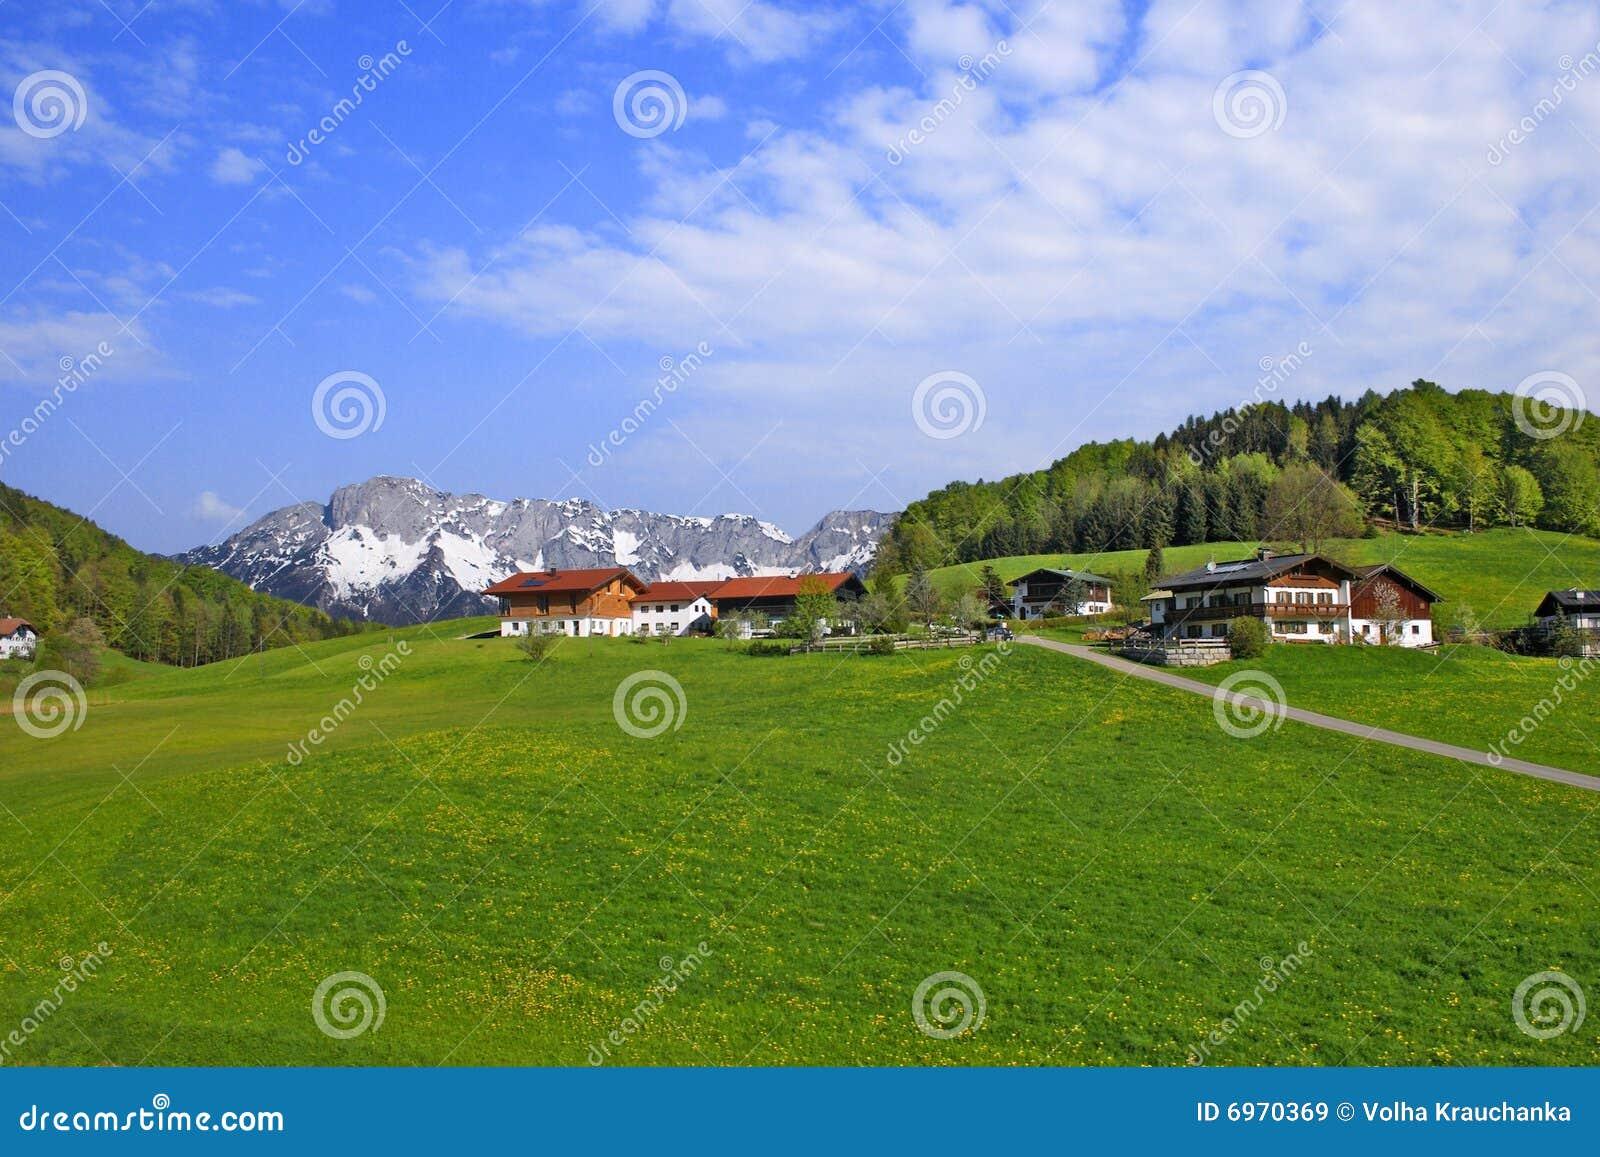 Landschaft mit Landwirthäusern